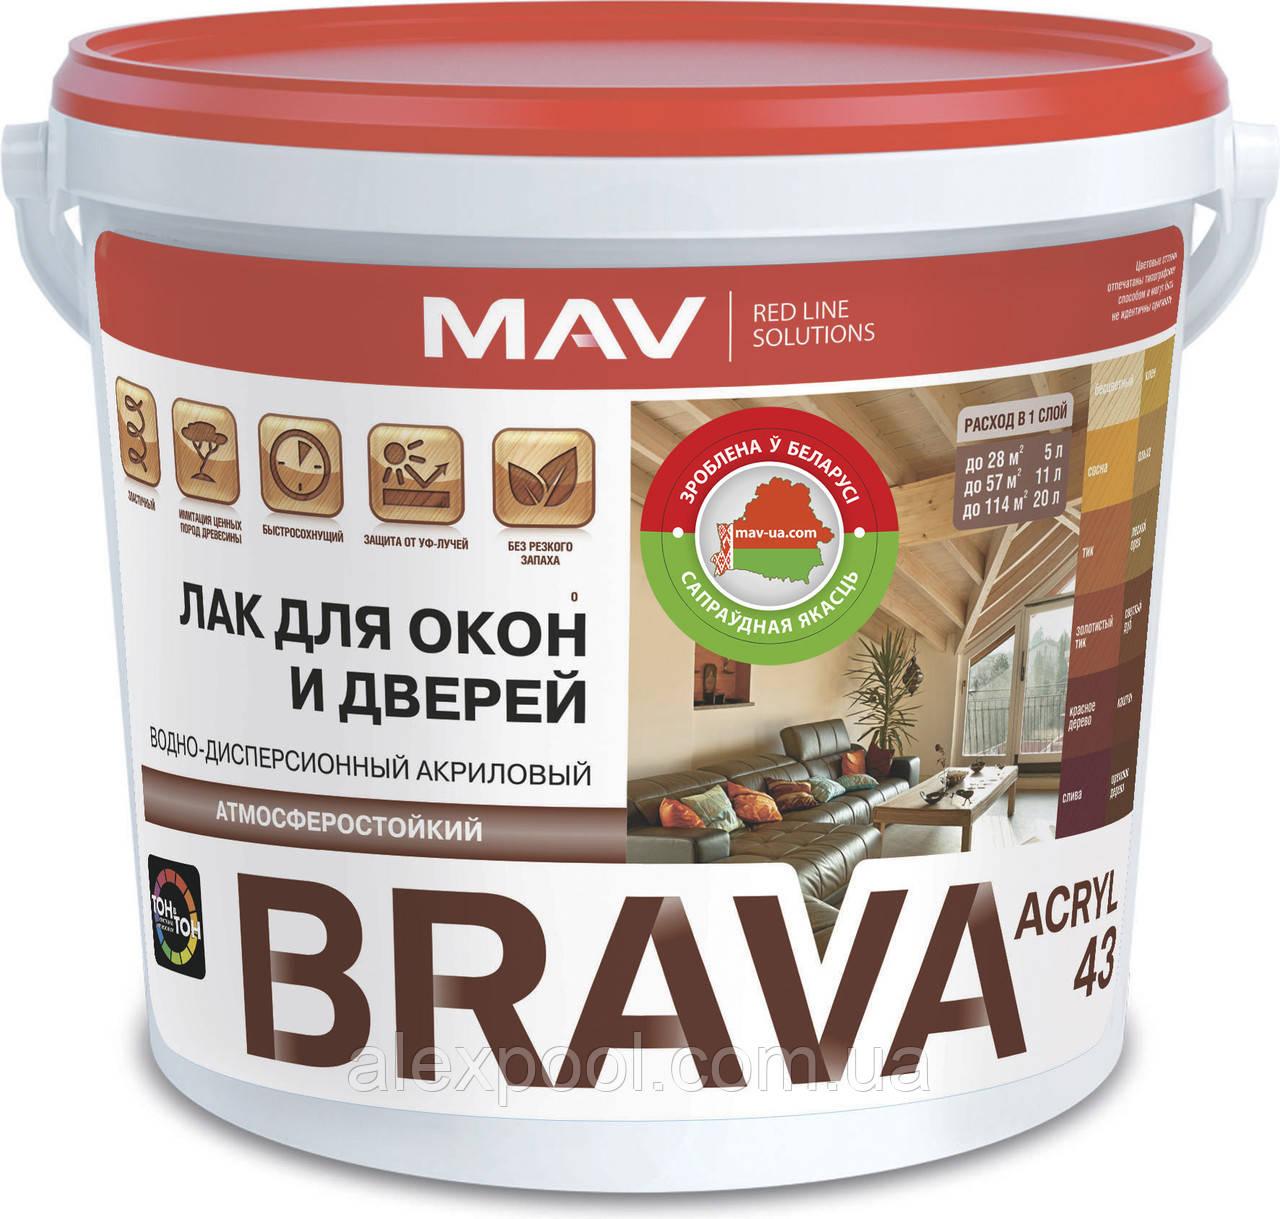 Акриловый лак MAV BRAVA ACRYL 43 без запаха на водной основе для окон и дверей Слива 3 л